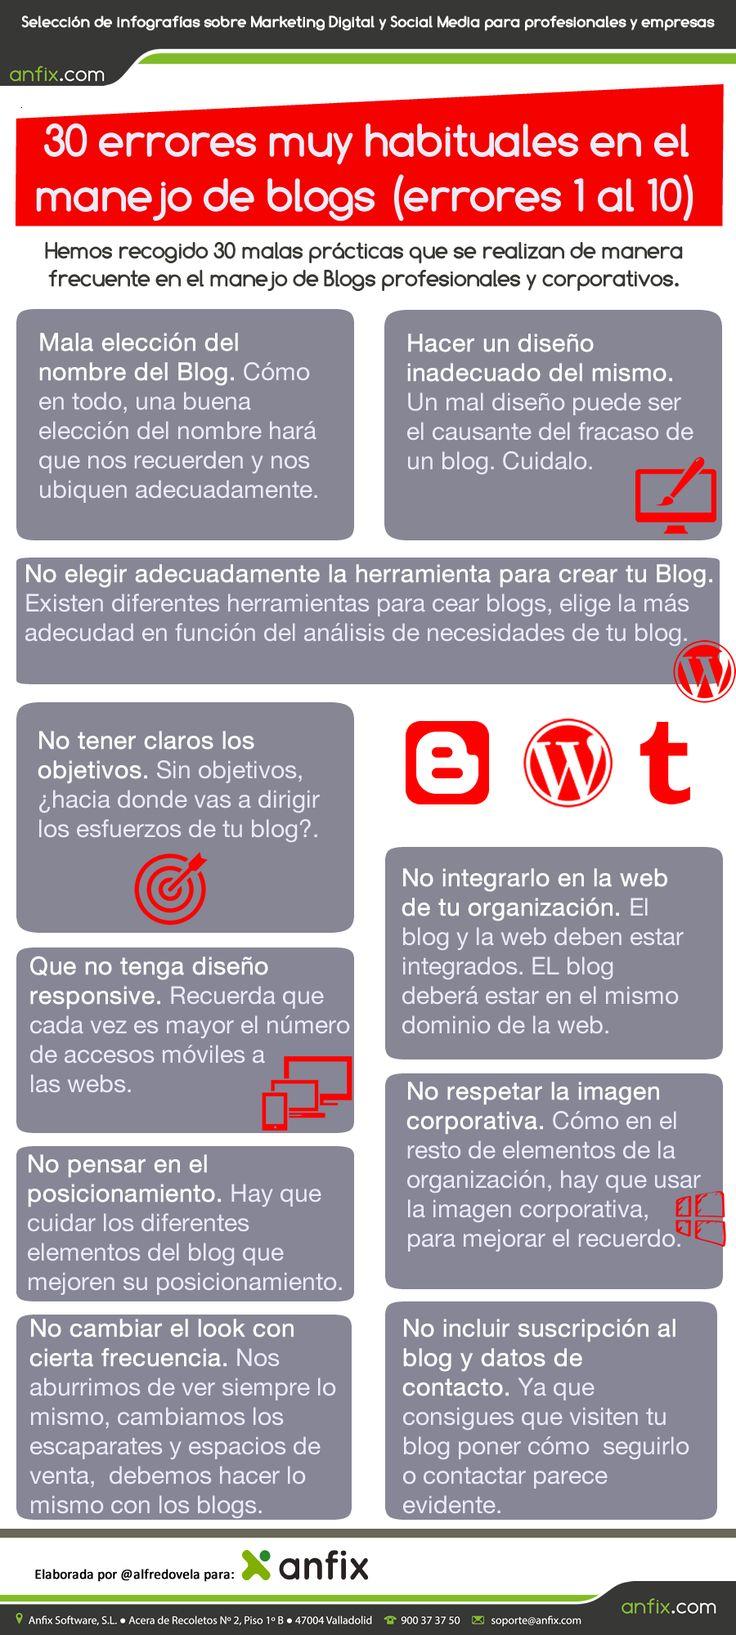 30 errores muy habituales en el manejo de blogs (errores 1 al 10)